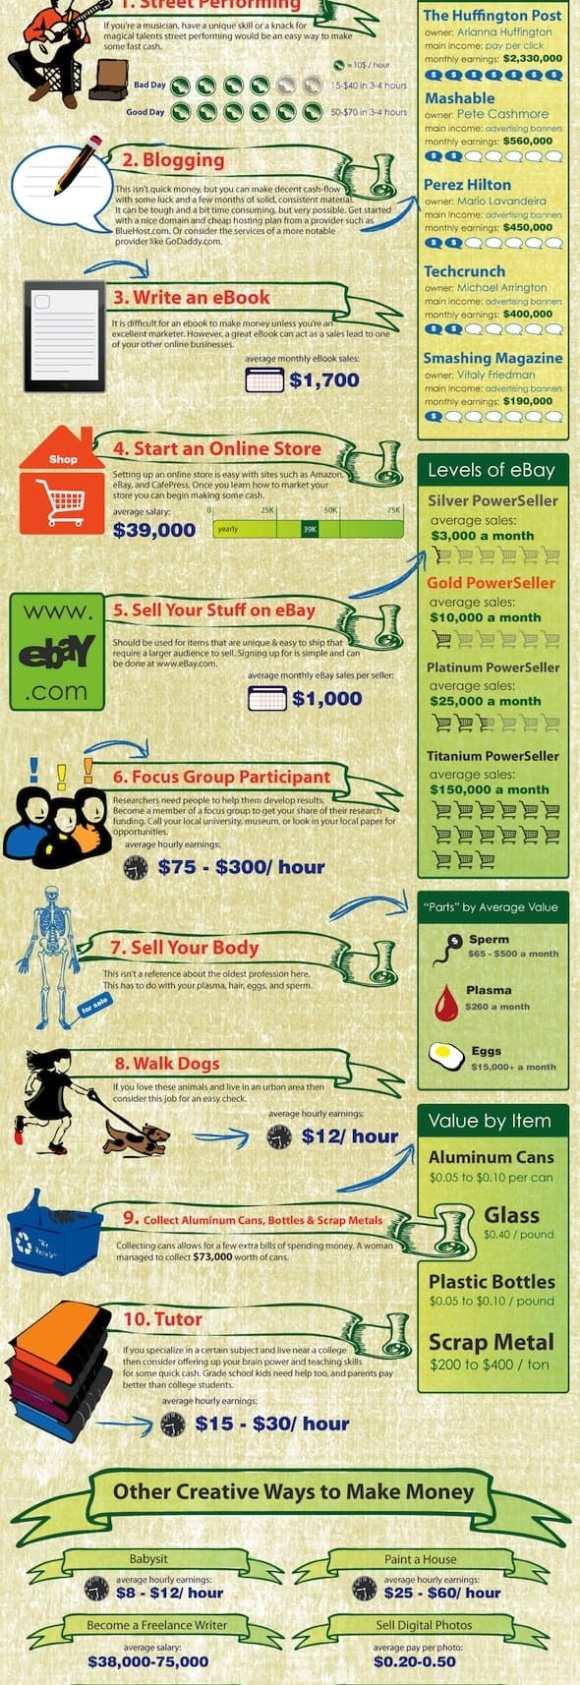 10 sätt att tjäna pengar utan ett jobb, infographic